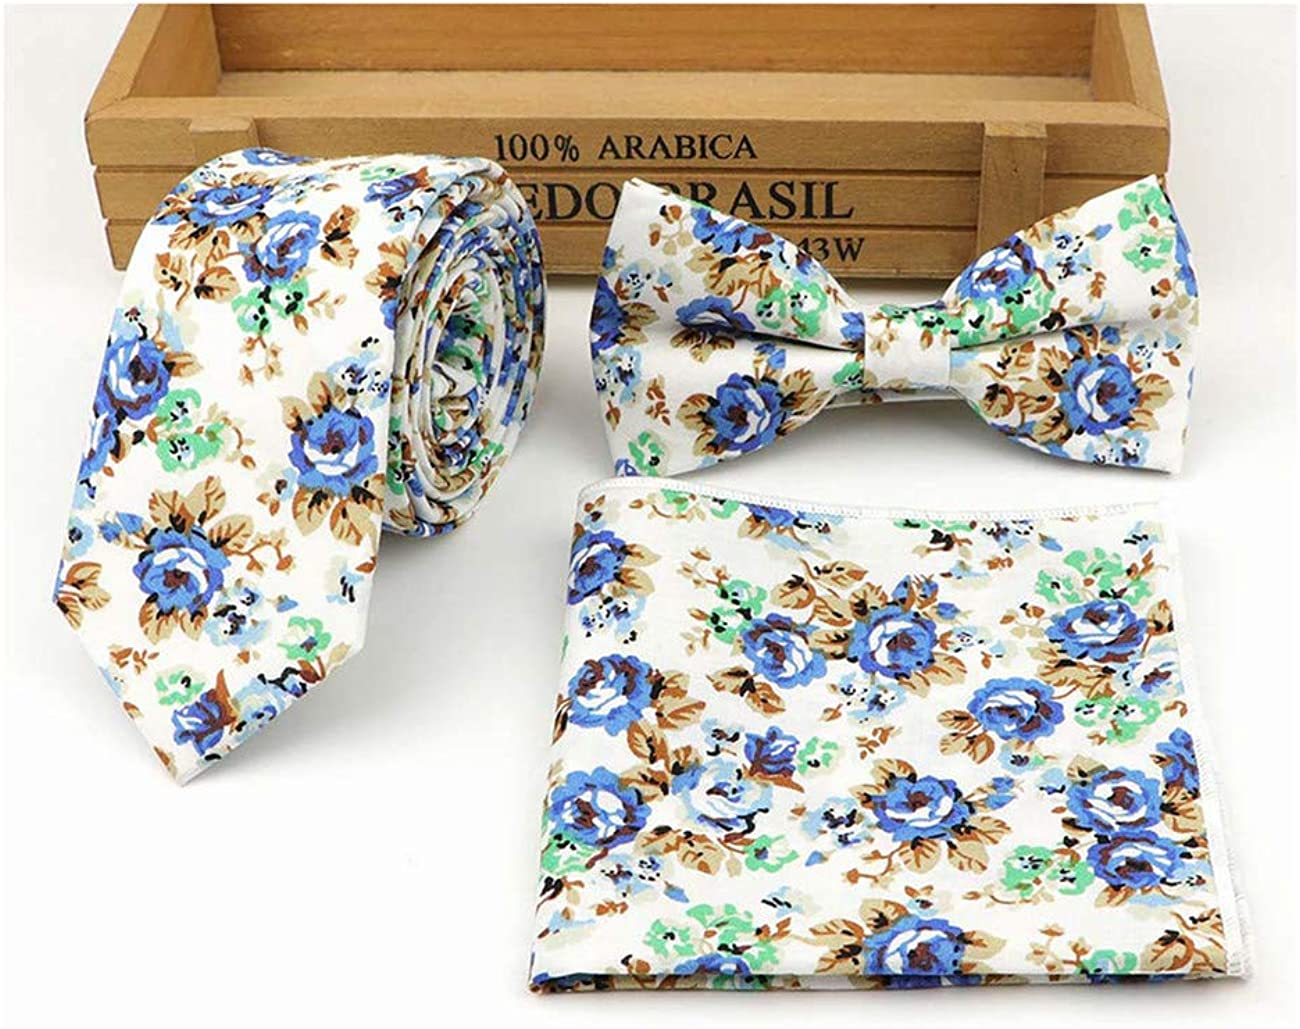 Gran Sorpresa 2020 Lionel Philip Conjunto de corbata de algodón para hombre Corbata delgada Corbata Pañuelo Pañuelos de boda Corbatas de corbata 16 LlE6Zd kfE4lc